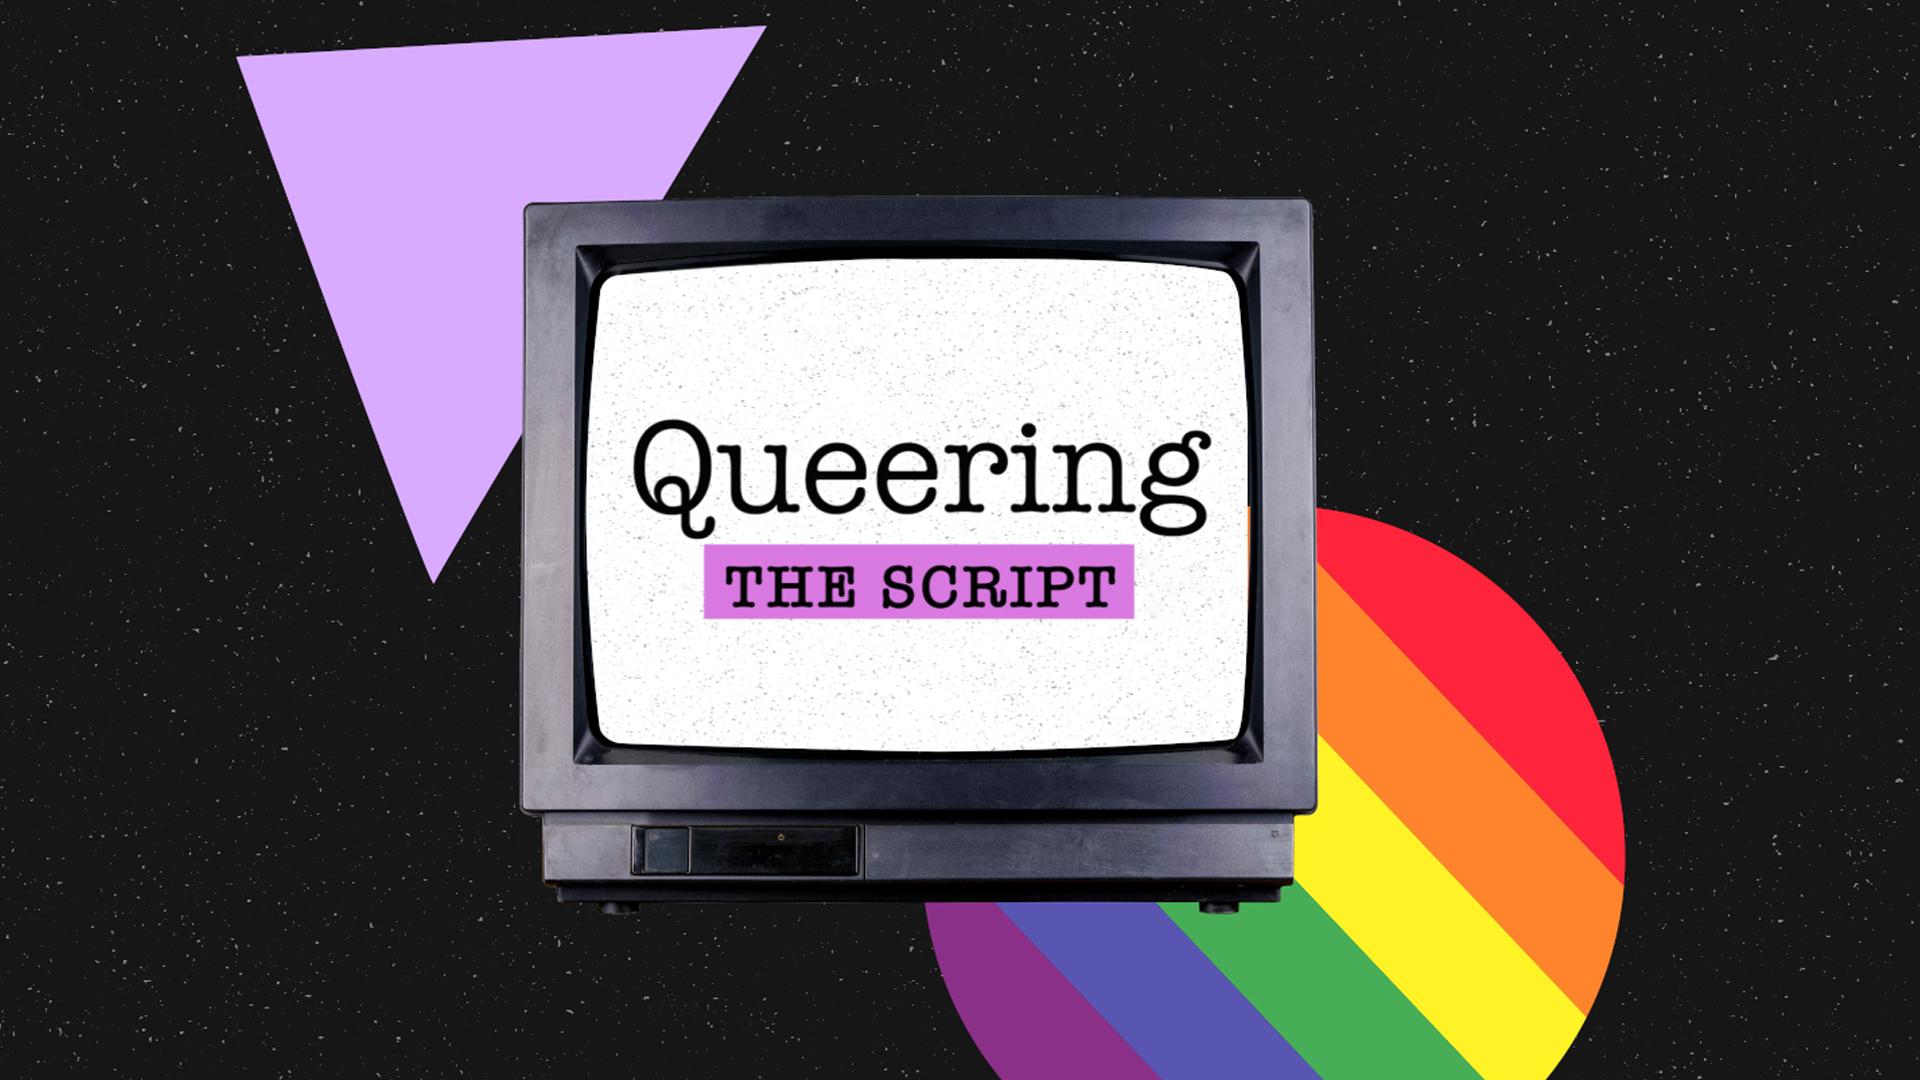 Queering the Script